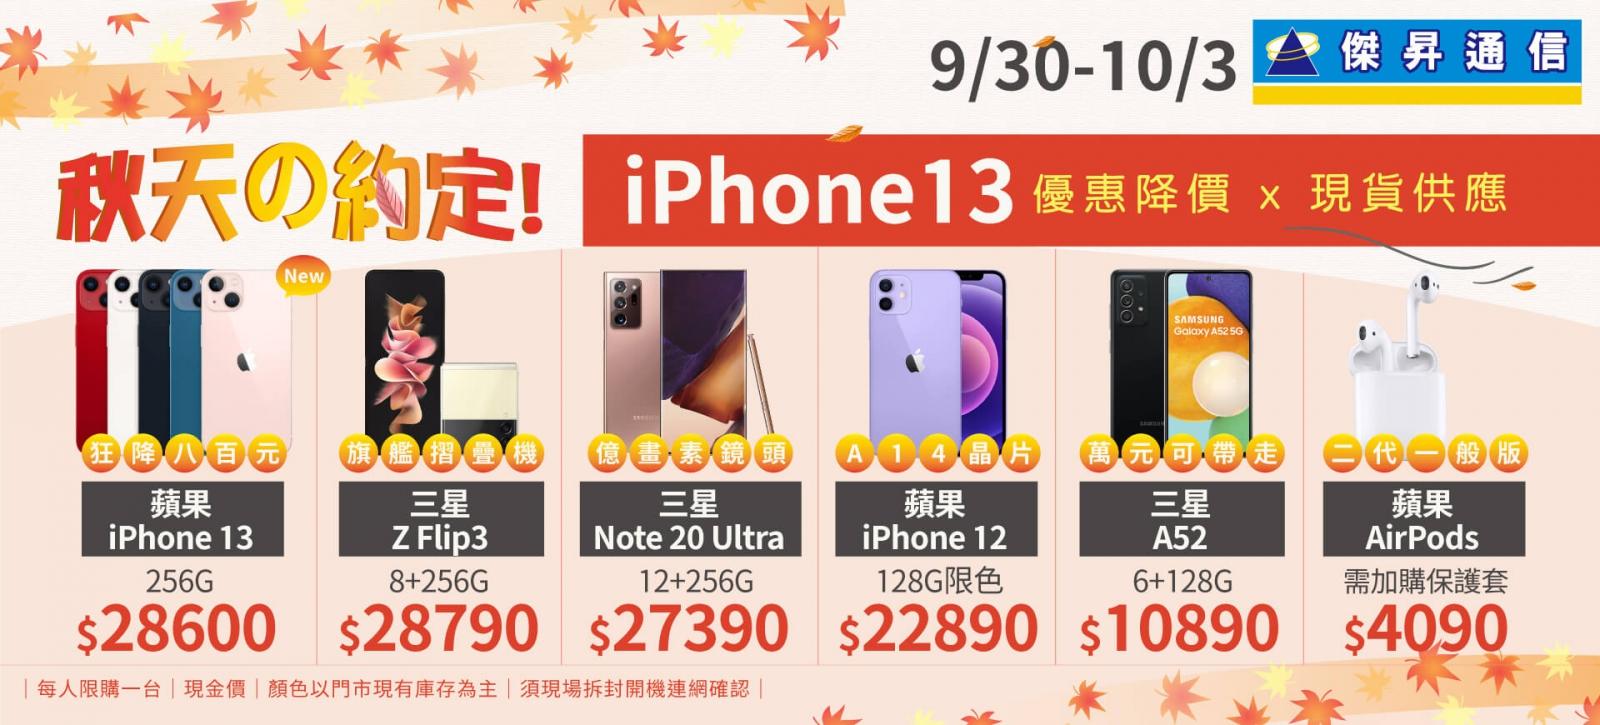 秋天的約定 iPhone 13優惠降價、三星Note 20 Ultra現賺1萬6